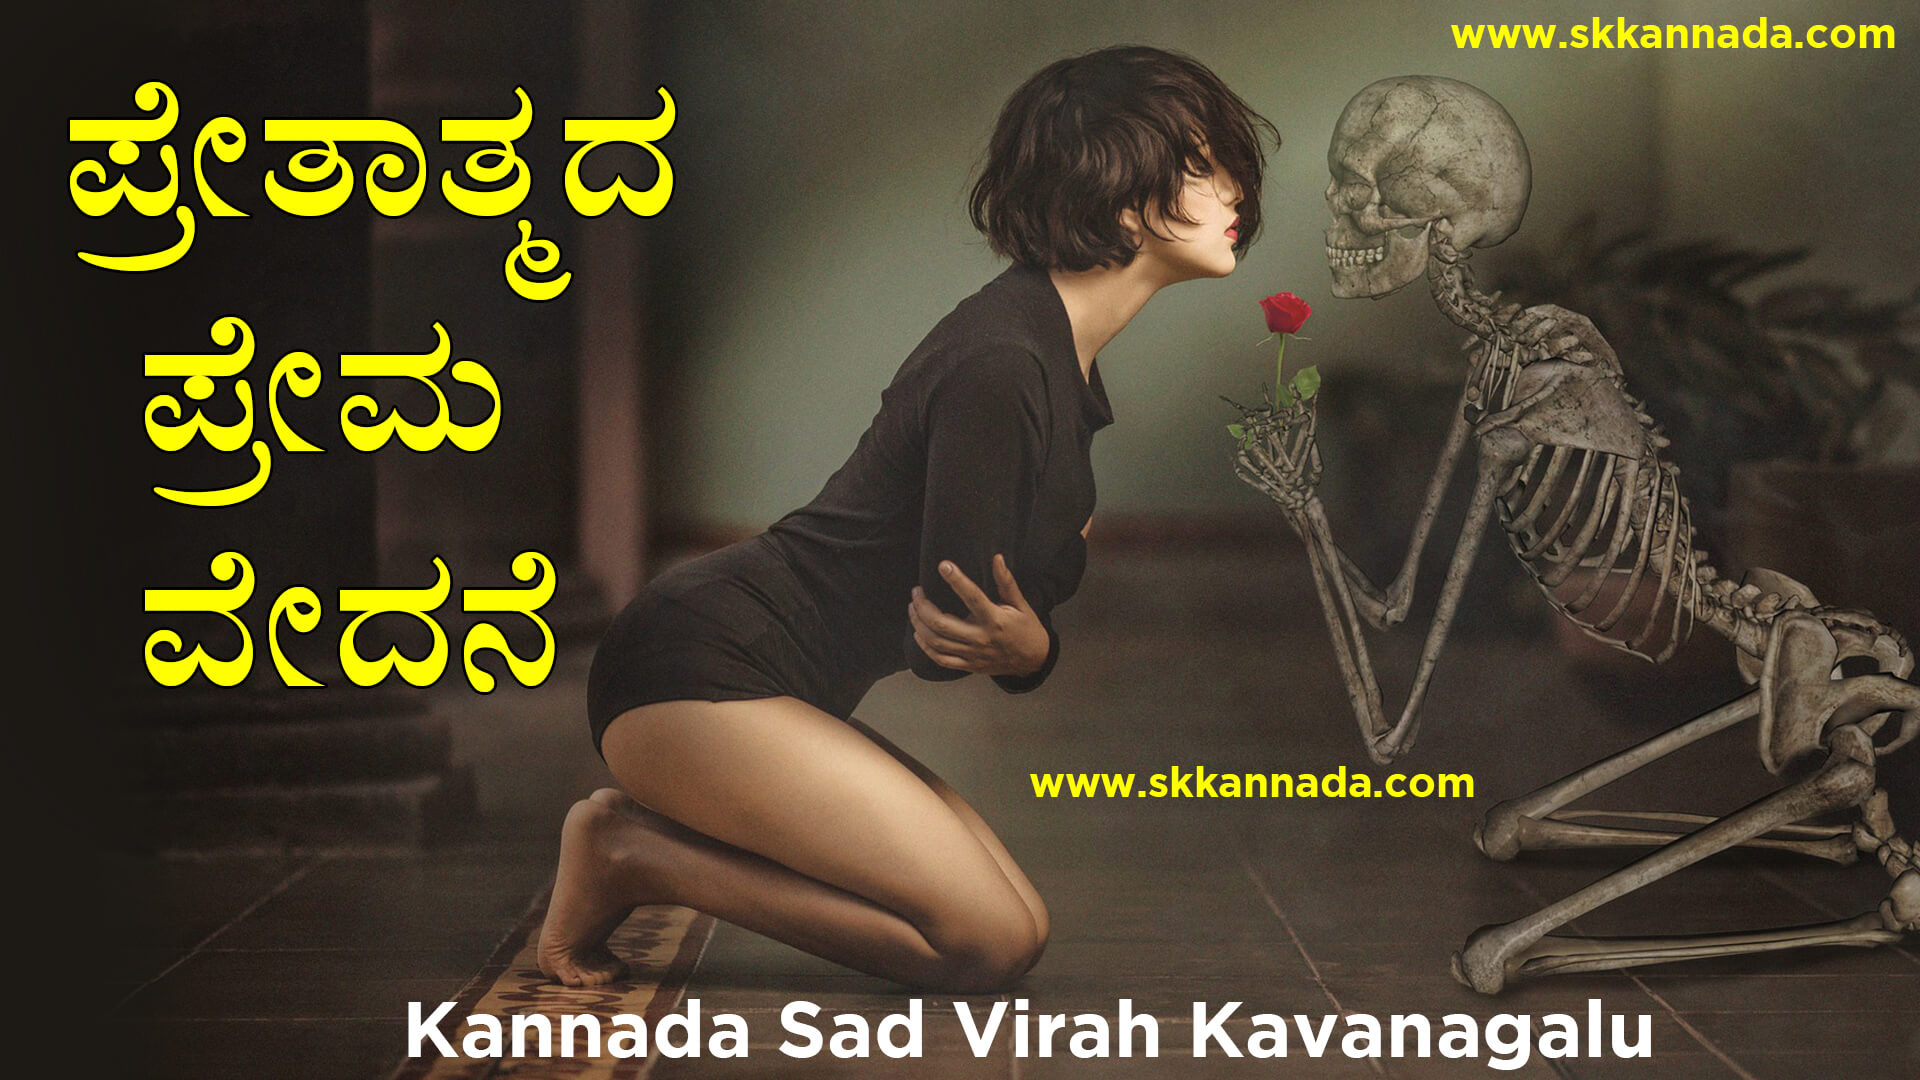 ಪ್ರೇತಾತ್ಮದ ಪ್ರೇಮ ವೇದನೆ : Very Sad Virah Love Kavanagalu in Kannada